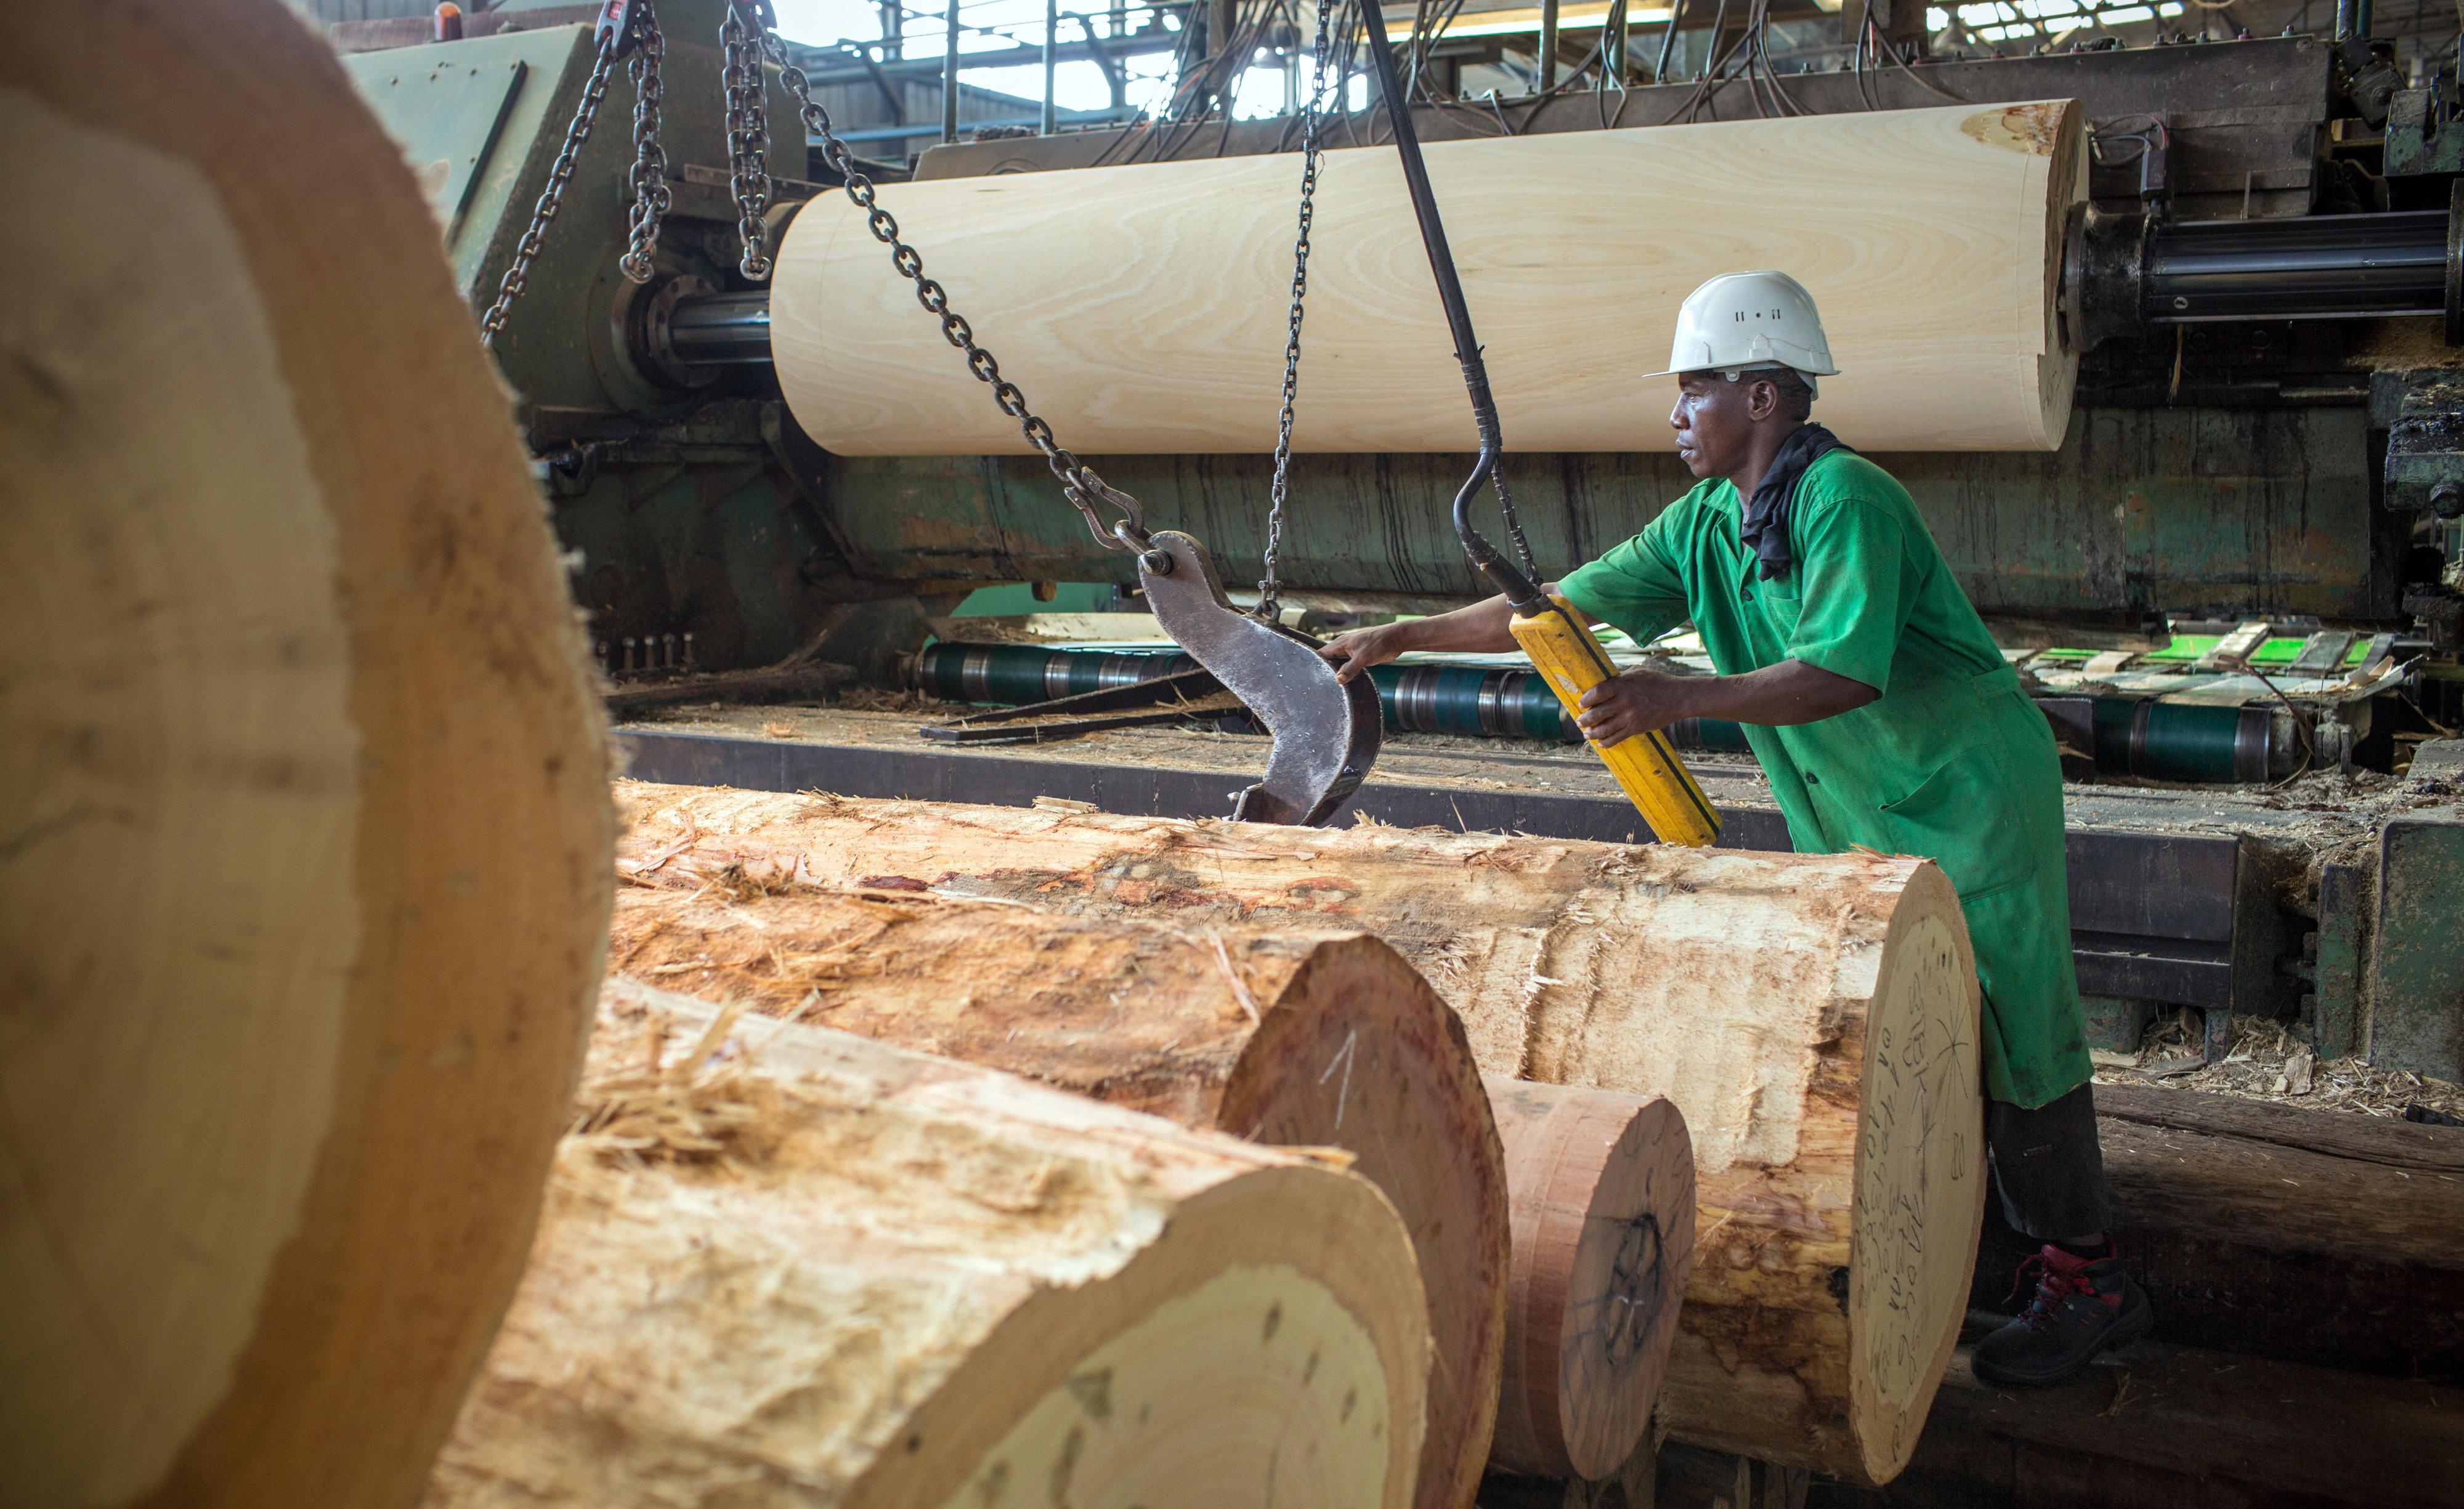 Furnierproduktion in einem Betrieb in Douala, Kamerun